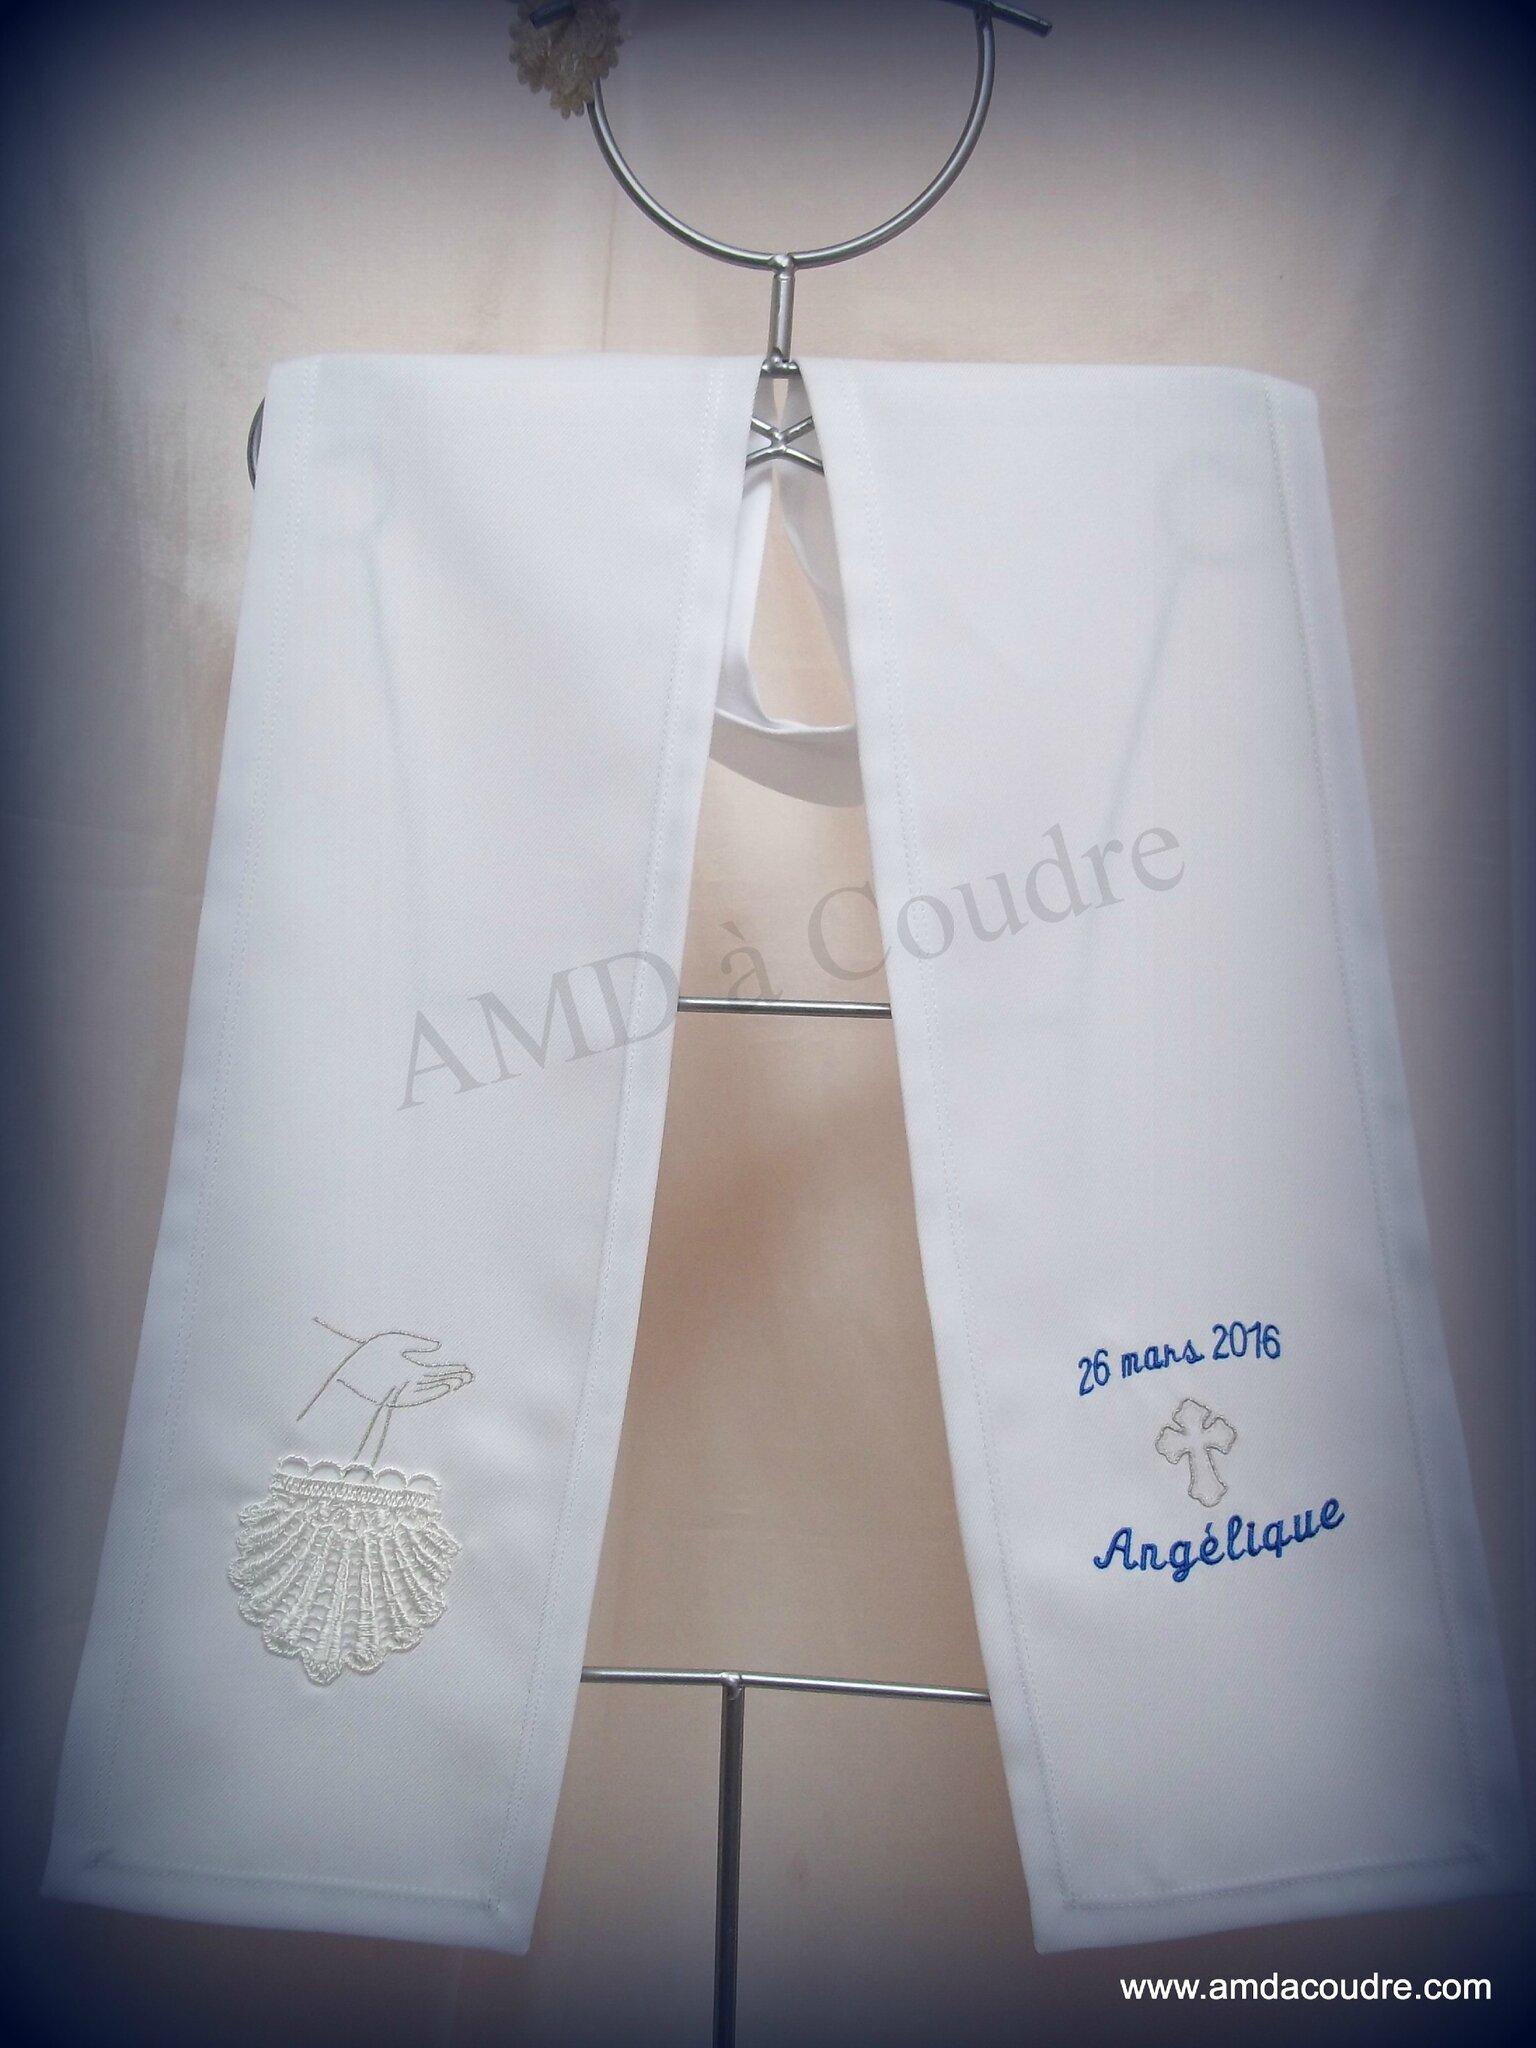 260316 ANGELIQUE ETOLE BAPTEME EAU BENITIER PAR AMD A COUDRE (2)